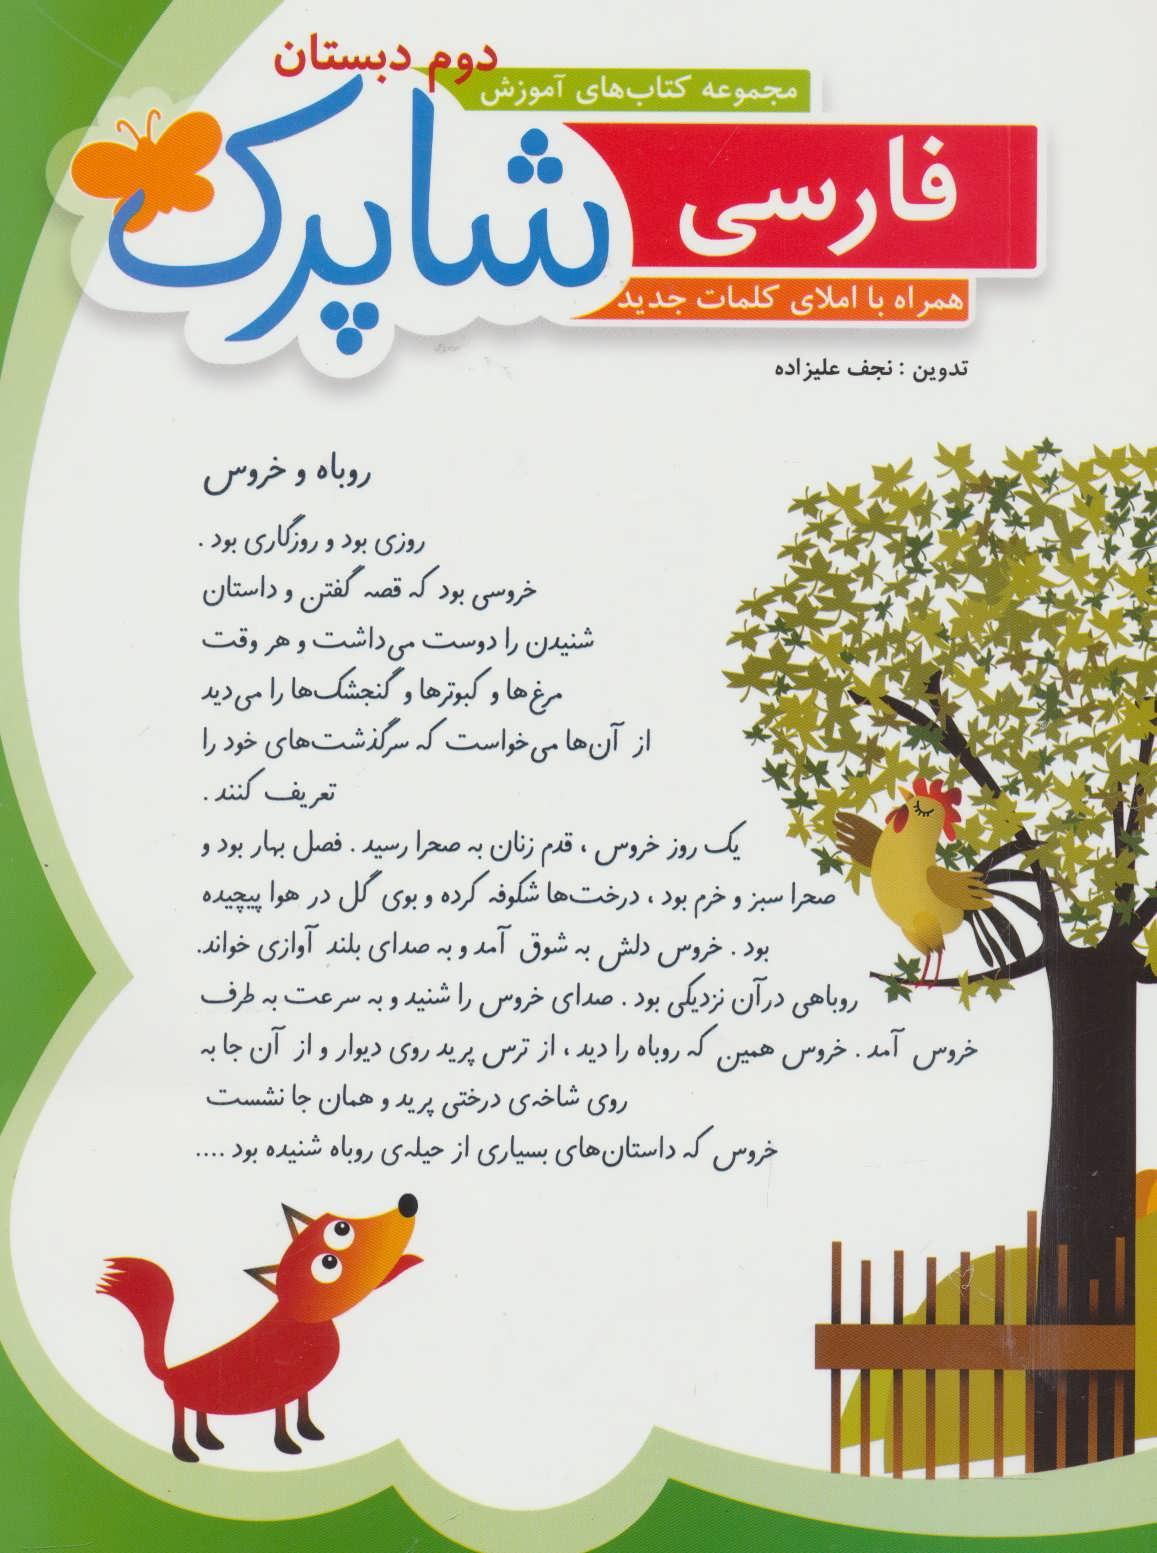 کتاب کتاب کار فارسی دوم دبستان: بیشتر بخوانیم، بهتر بنویسیم